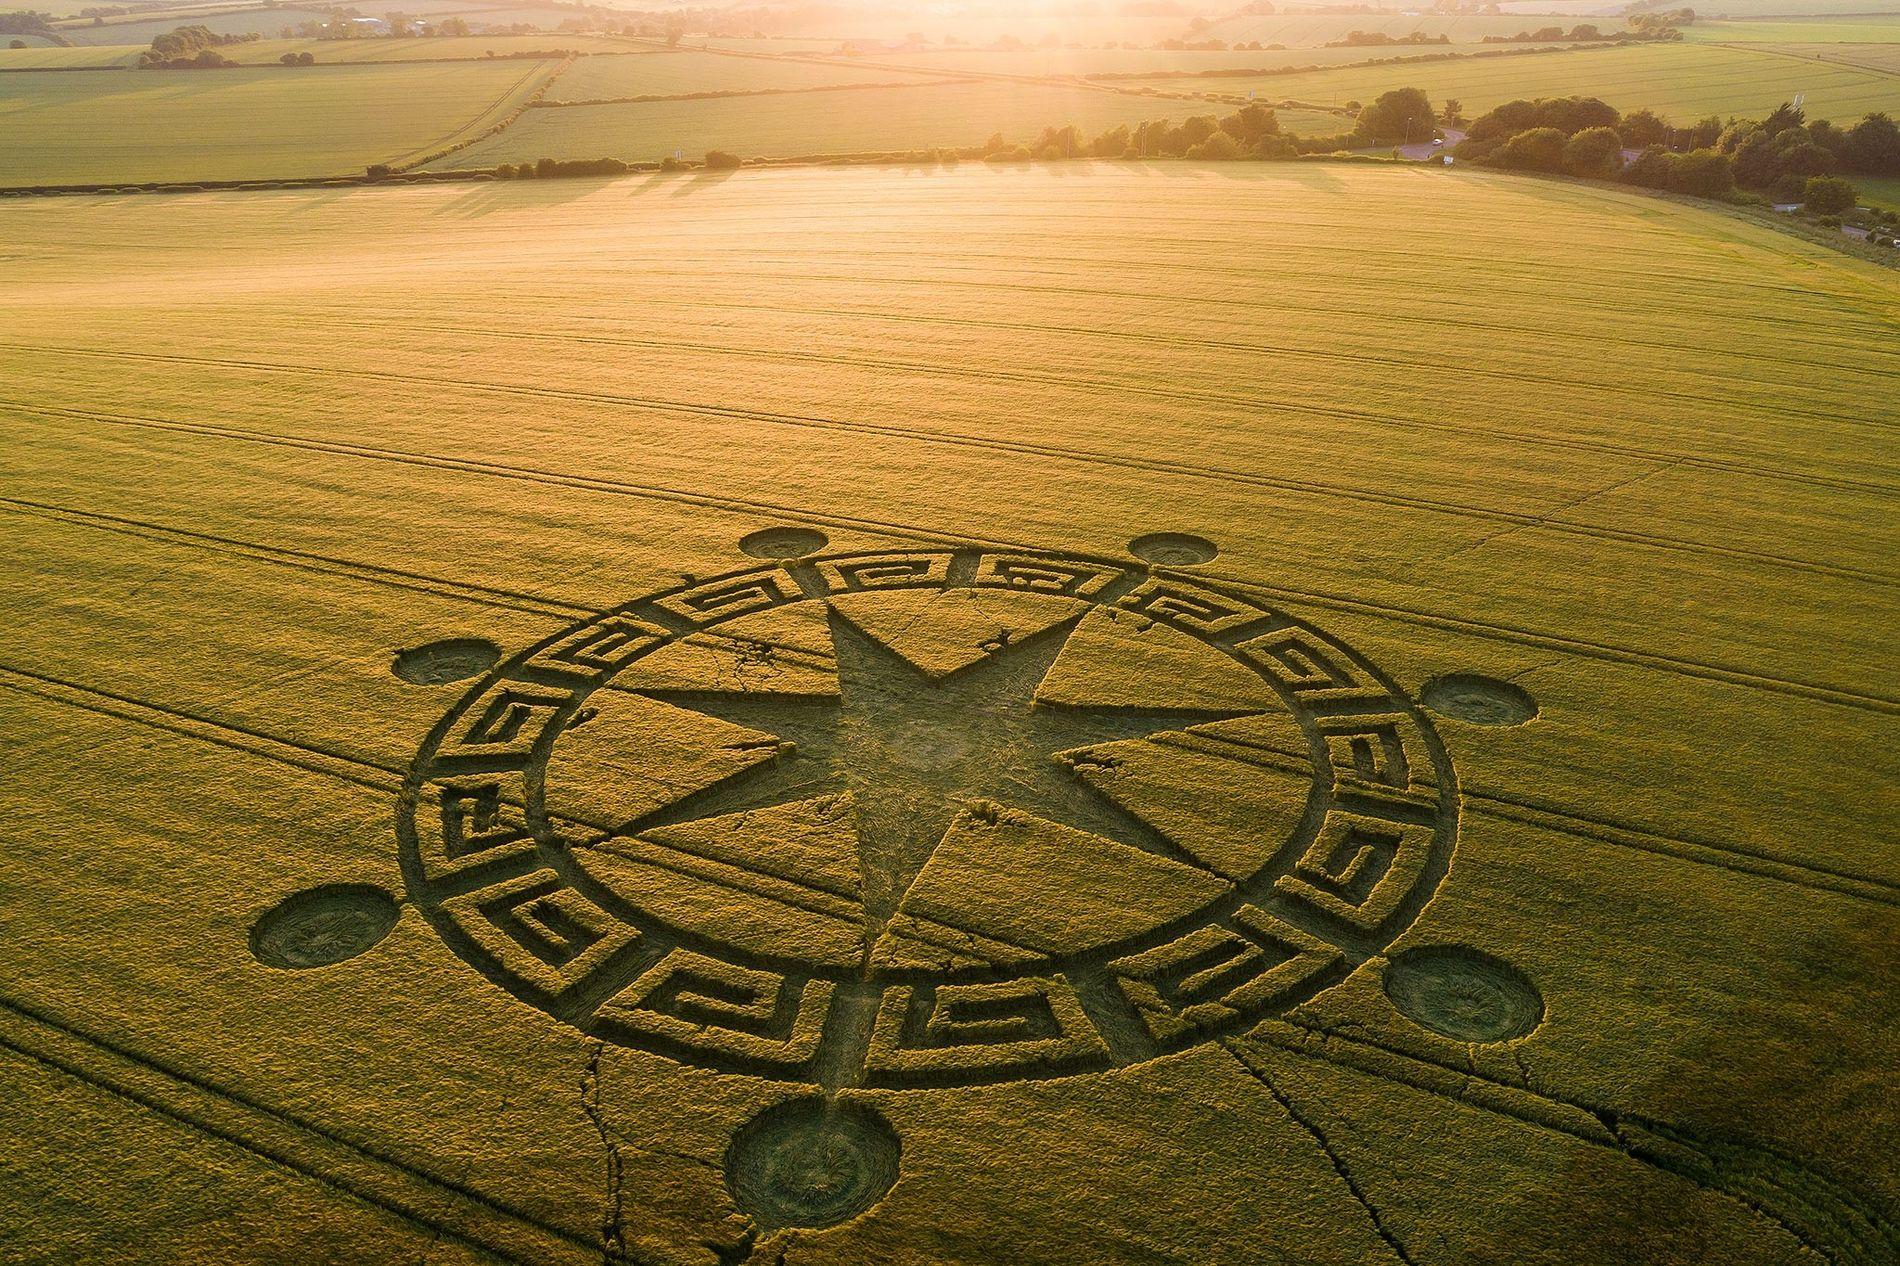 Le soleil se couche au-dessus d'un agroglyphe situé non loin de Sixpenny Handley dans le Dorset, ...